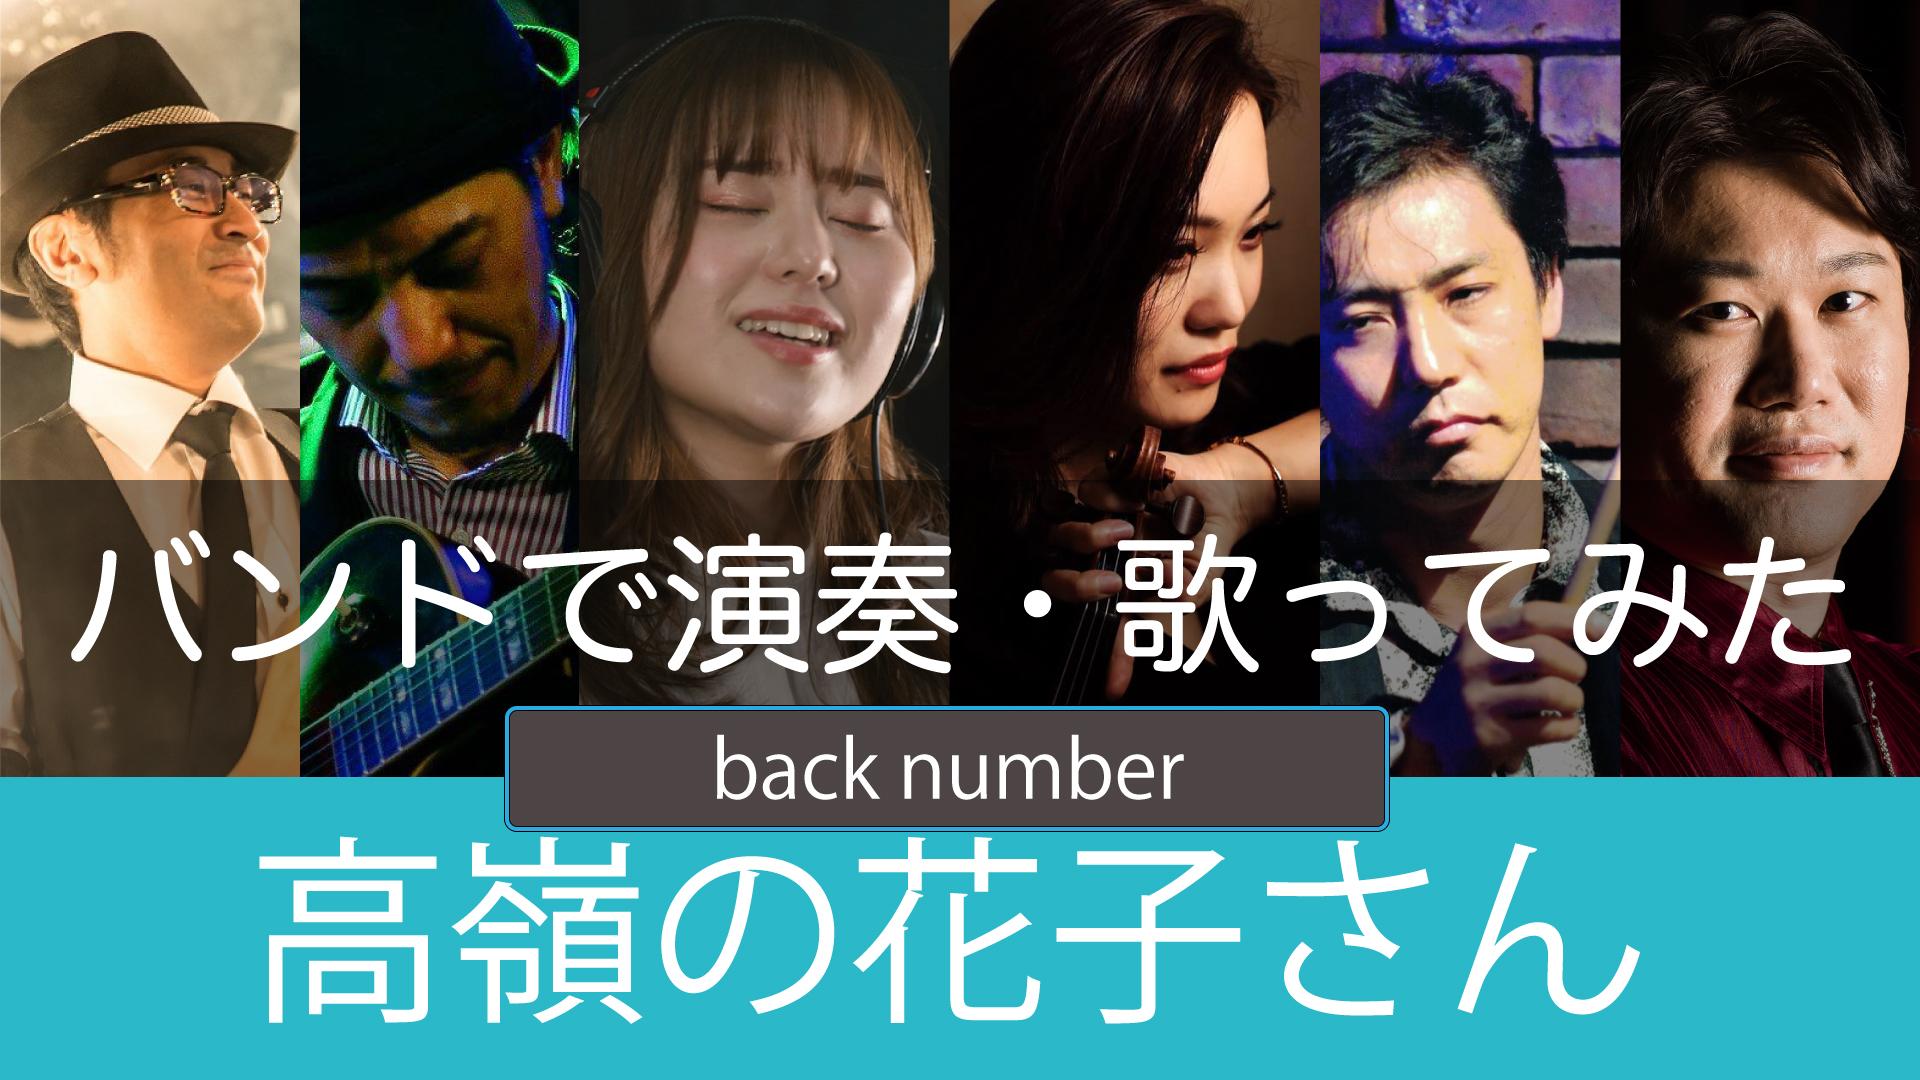 花子 back number さん の 高嶺